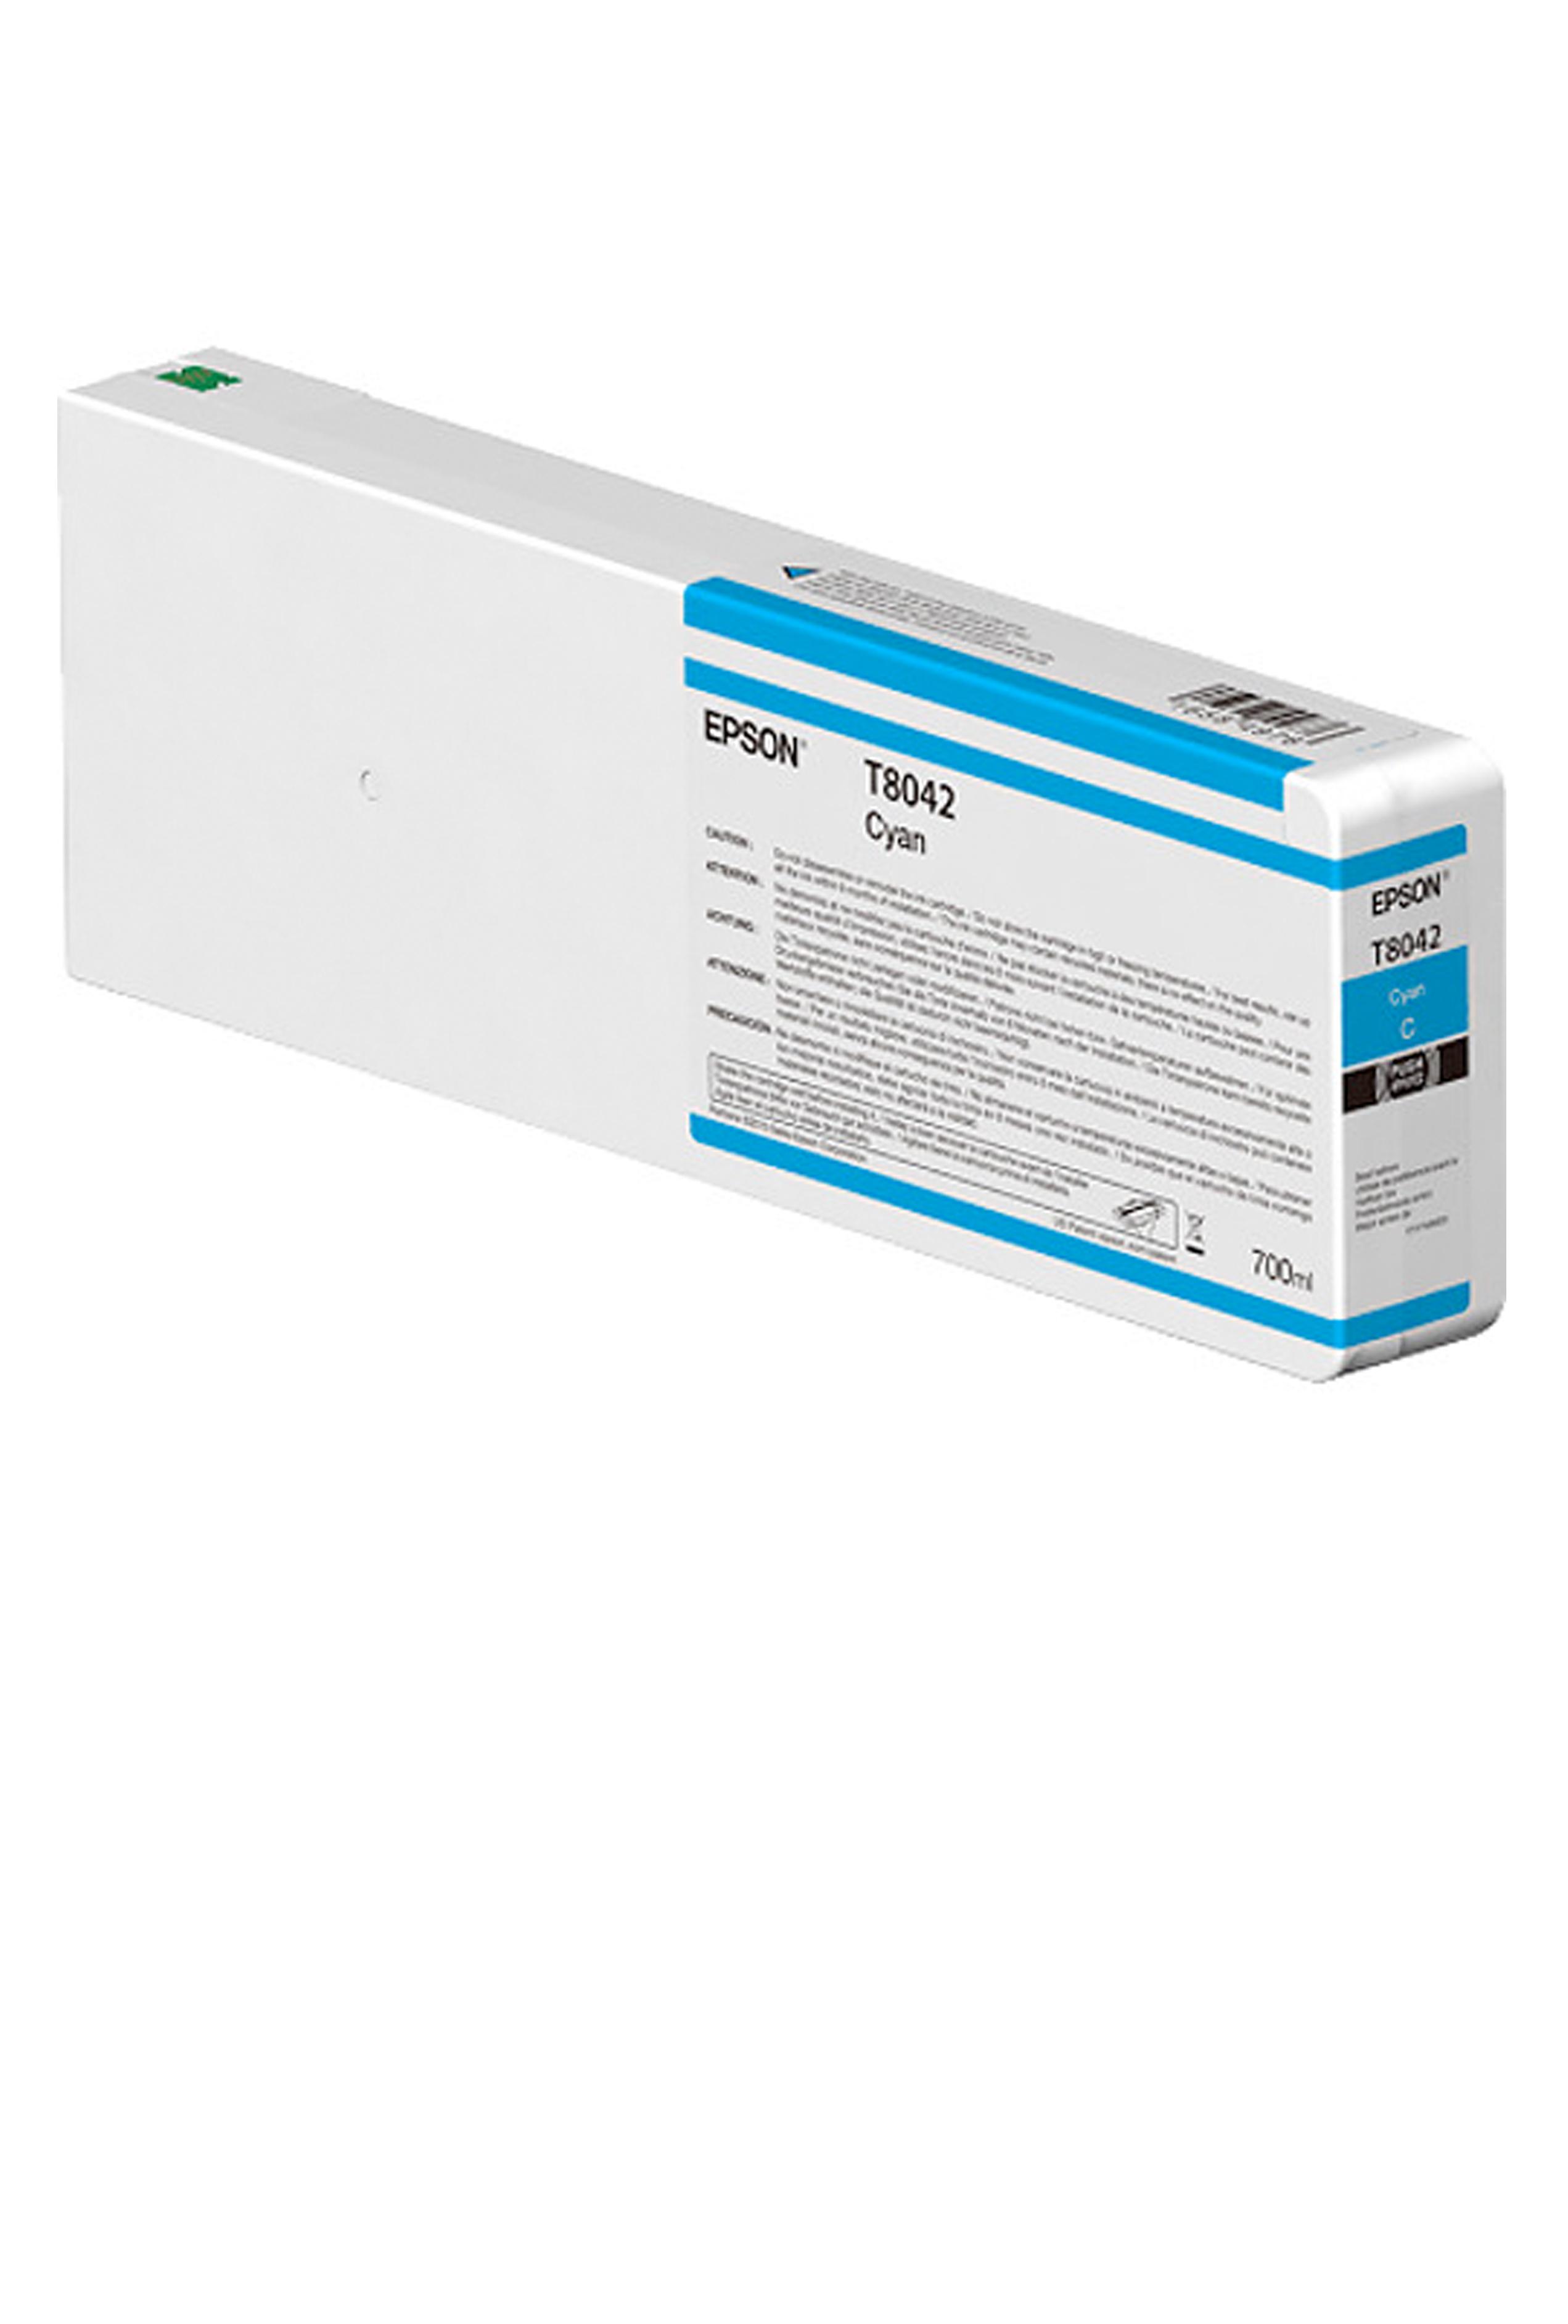 Epson EPSON XH CYAN INK (700 ML) (T804200)